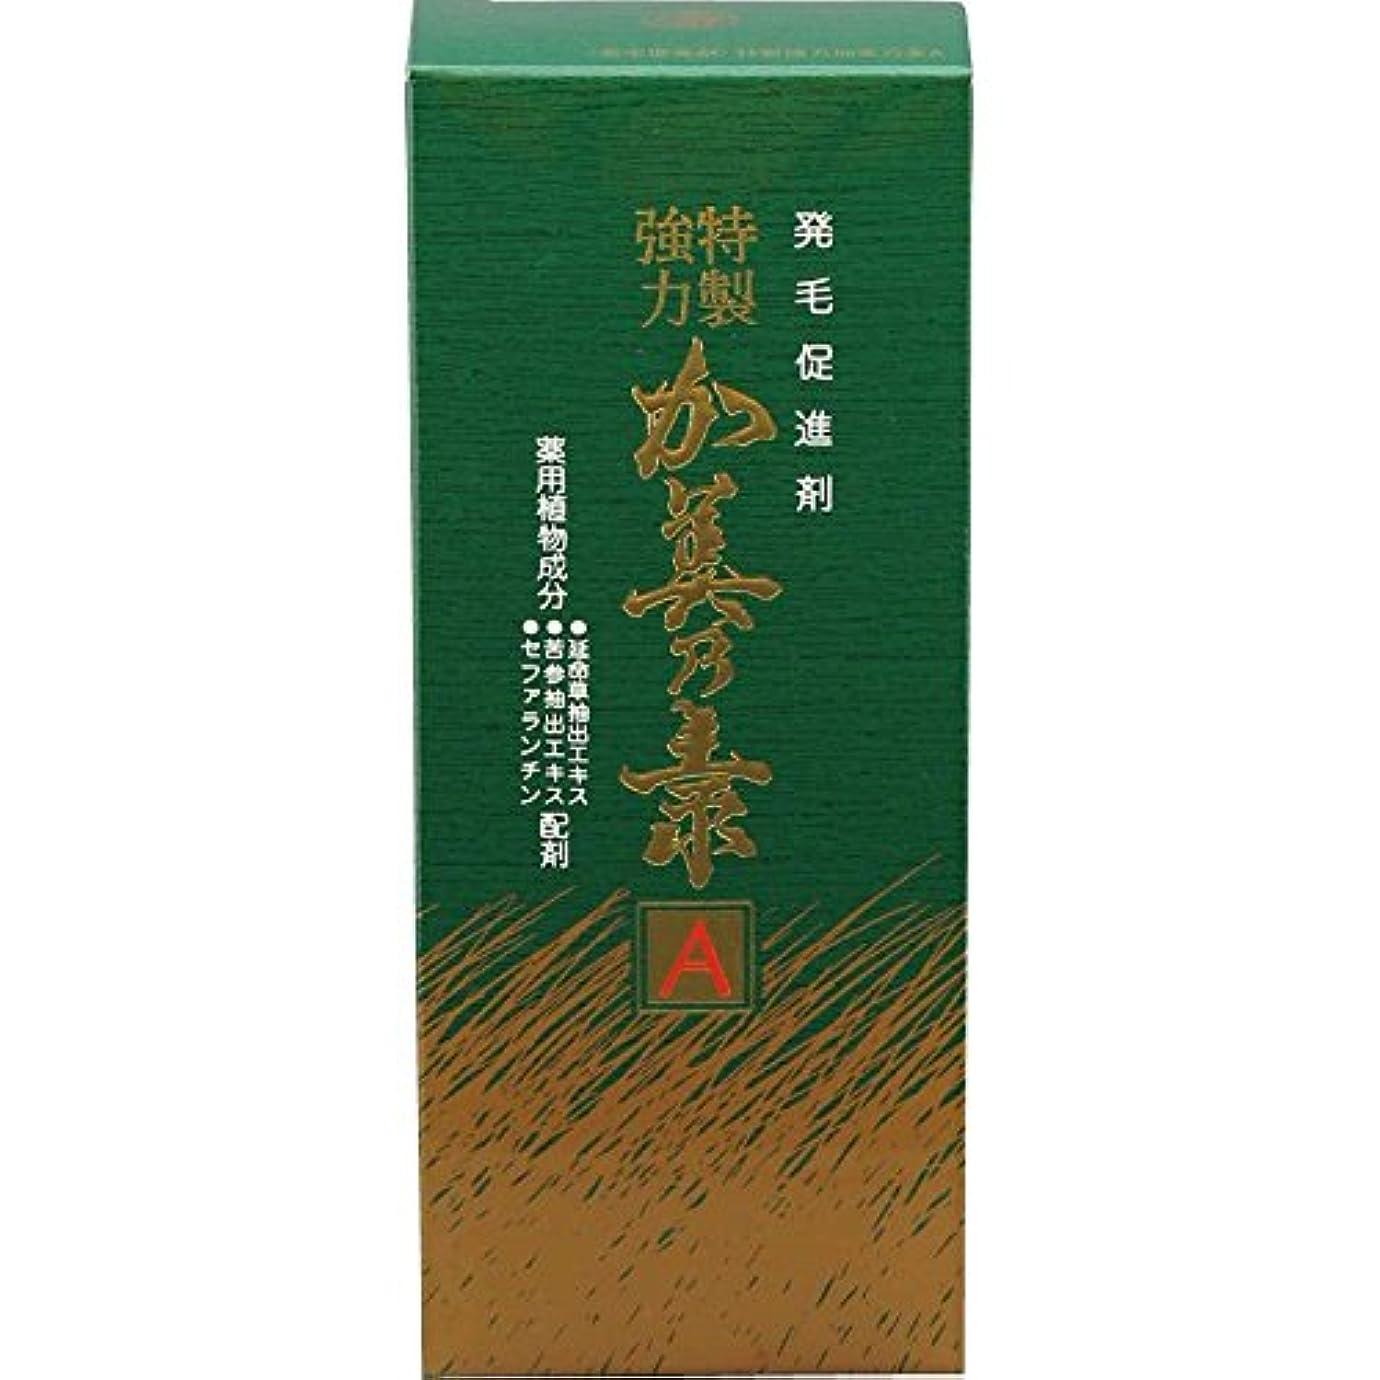 絶滅させる交換従う特製強力加美乃素A フレッシュシトラスの香り 180mL×6個